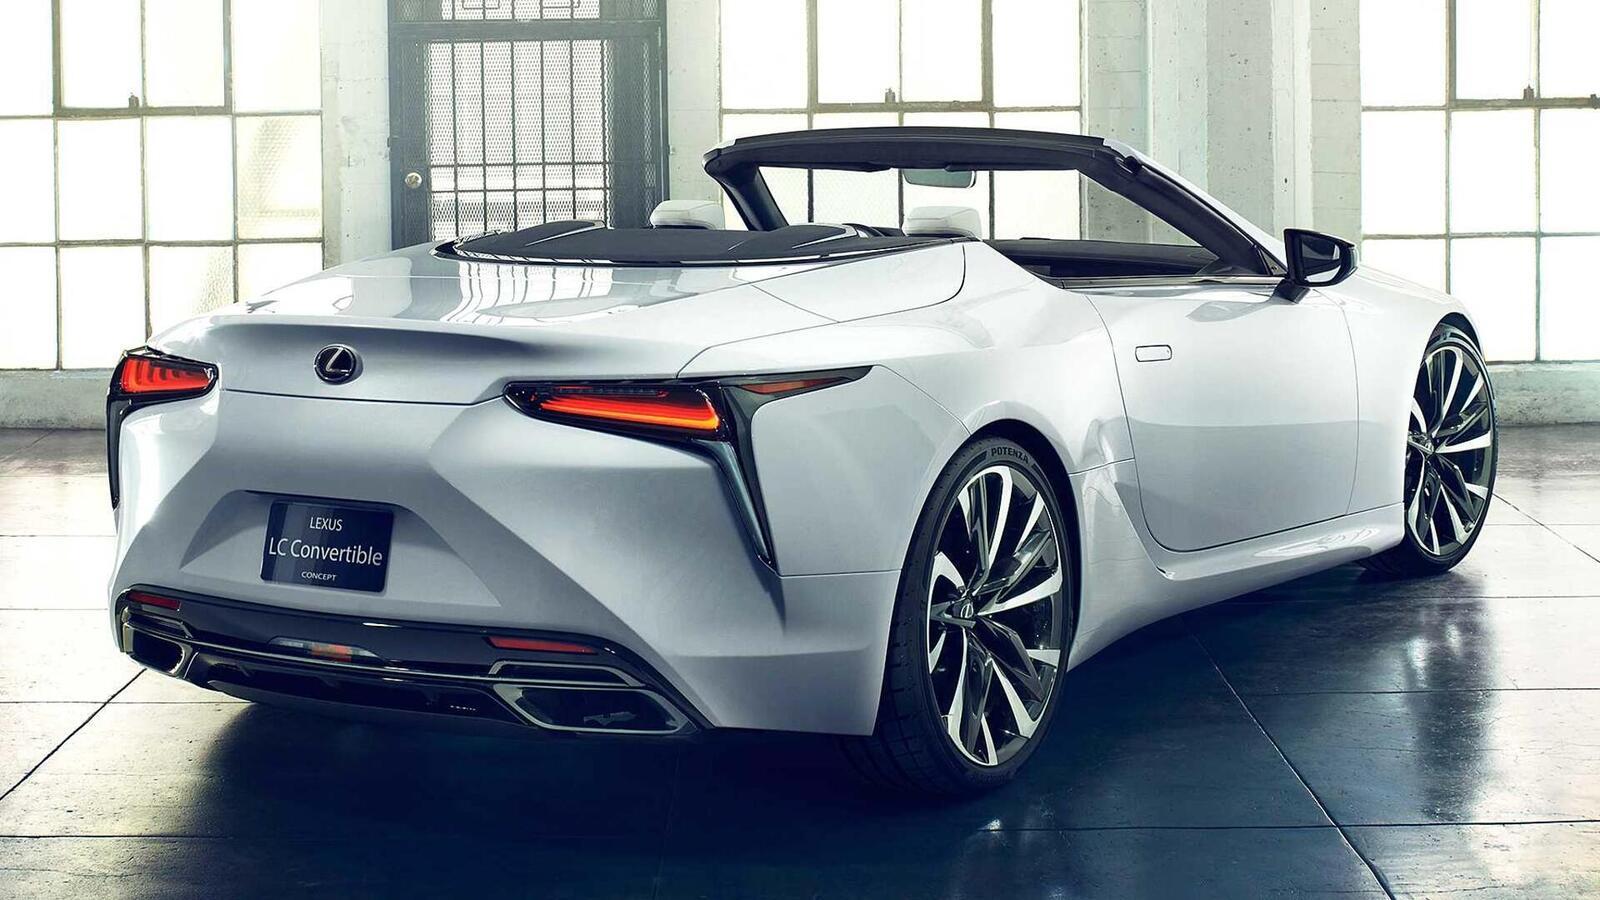 Lexus LC Convertible Concept 2020 sắp ra mắt tại Triển Lãm ô tô Quốc Tế Bắc Mỹ 2019 - Hình 8